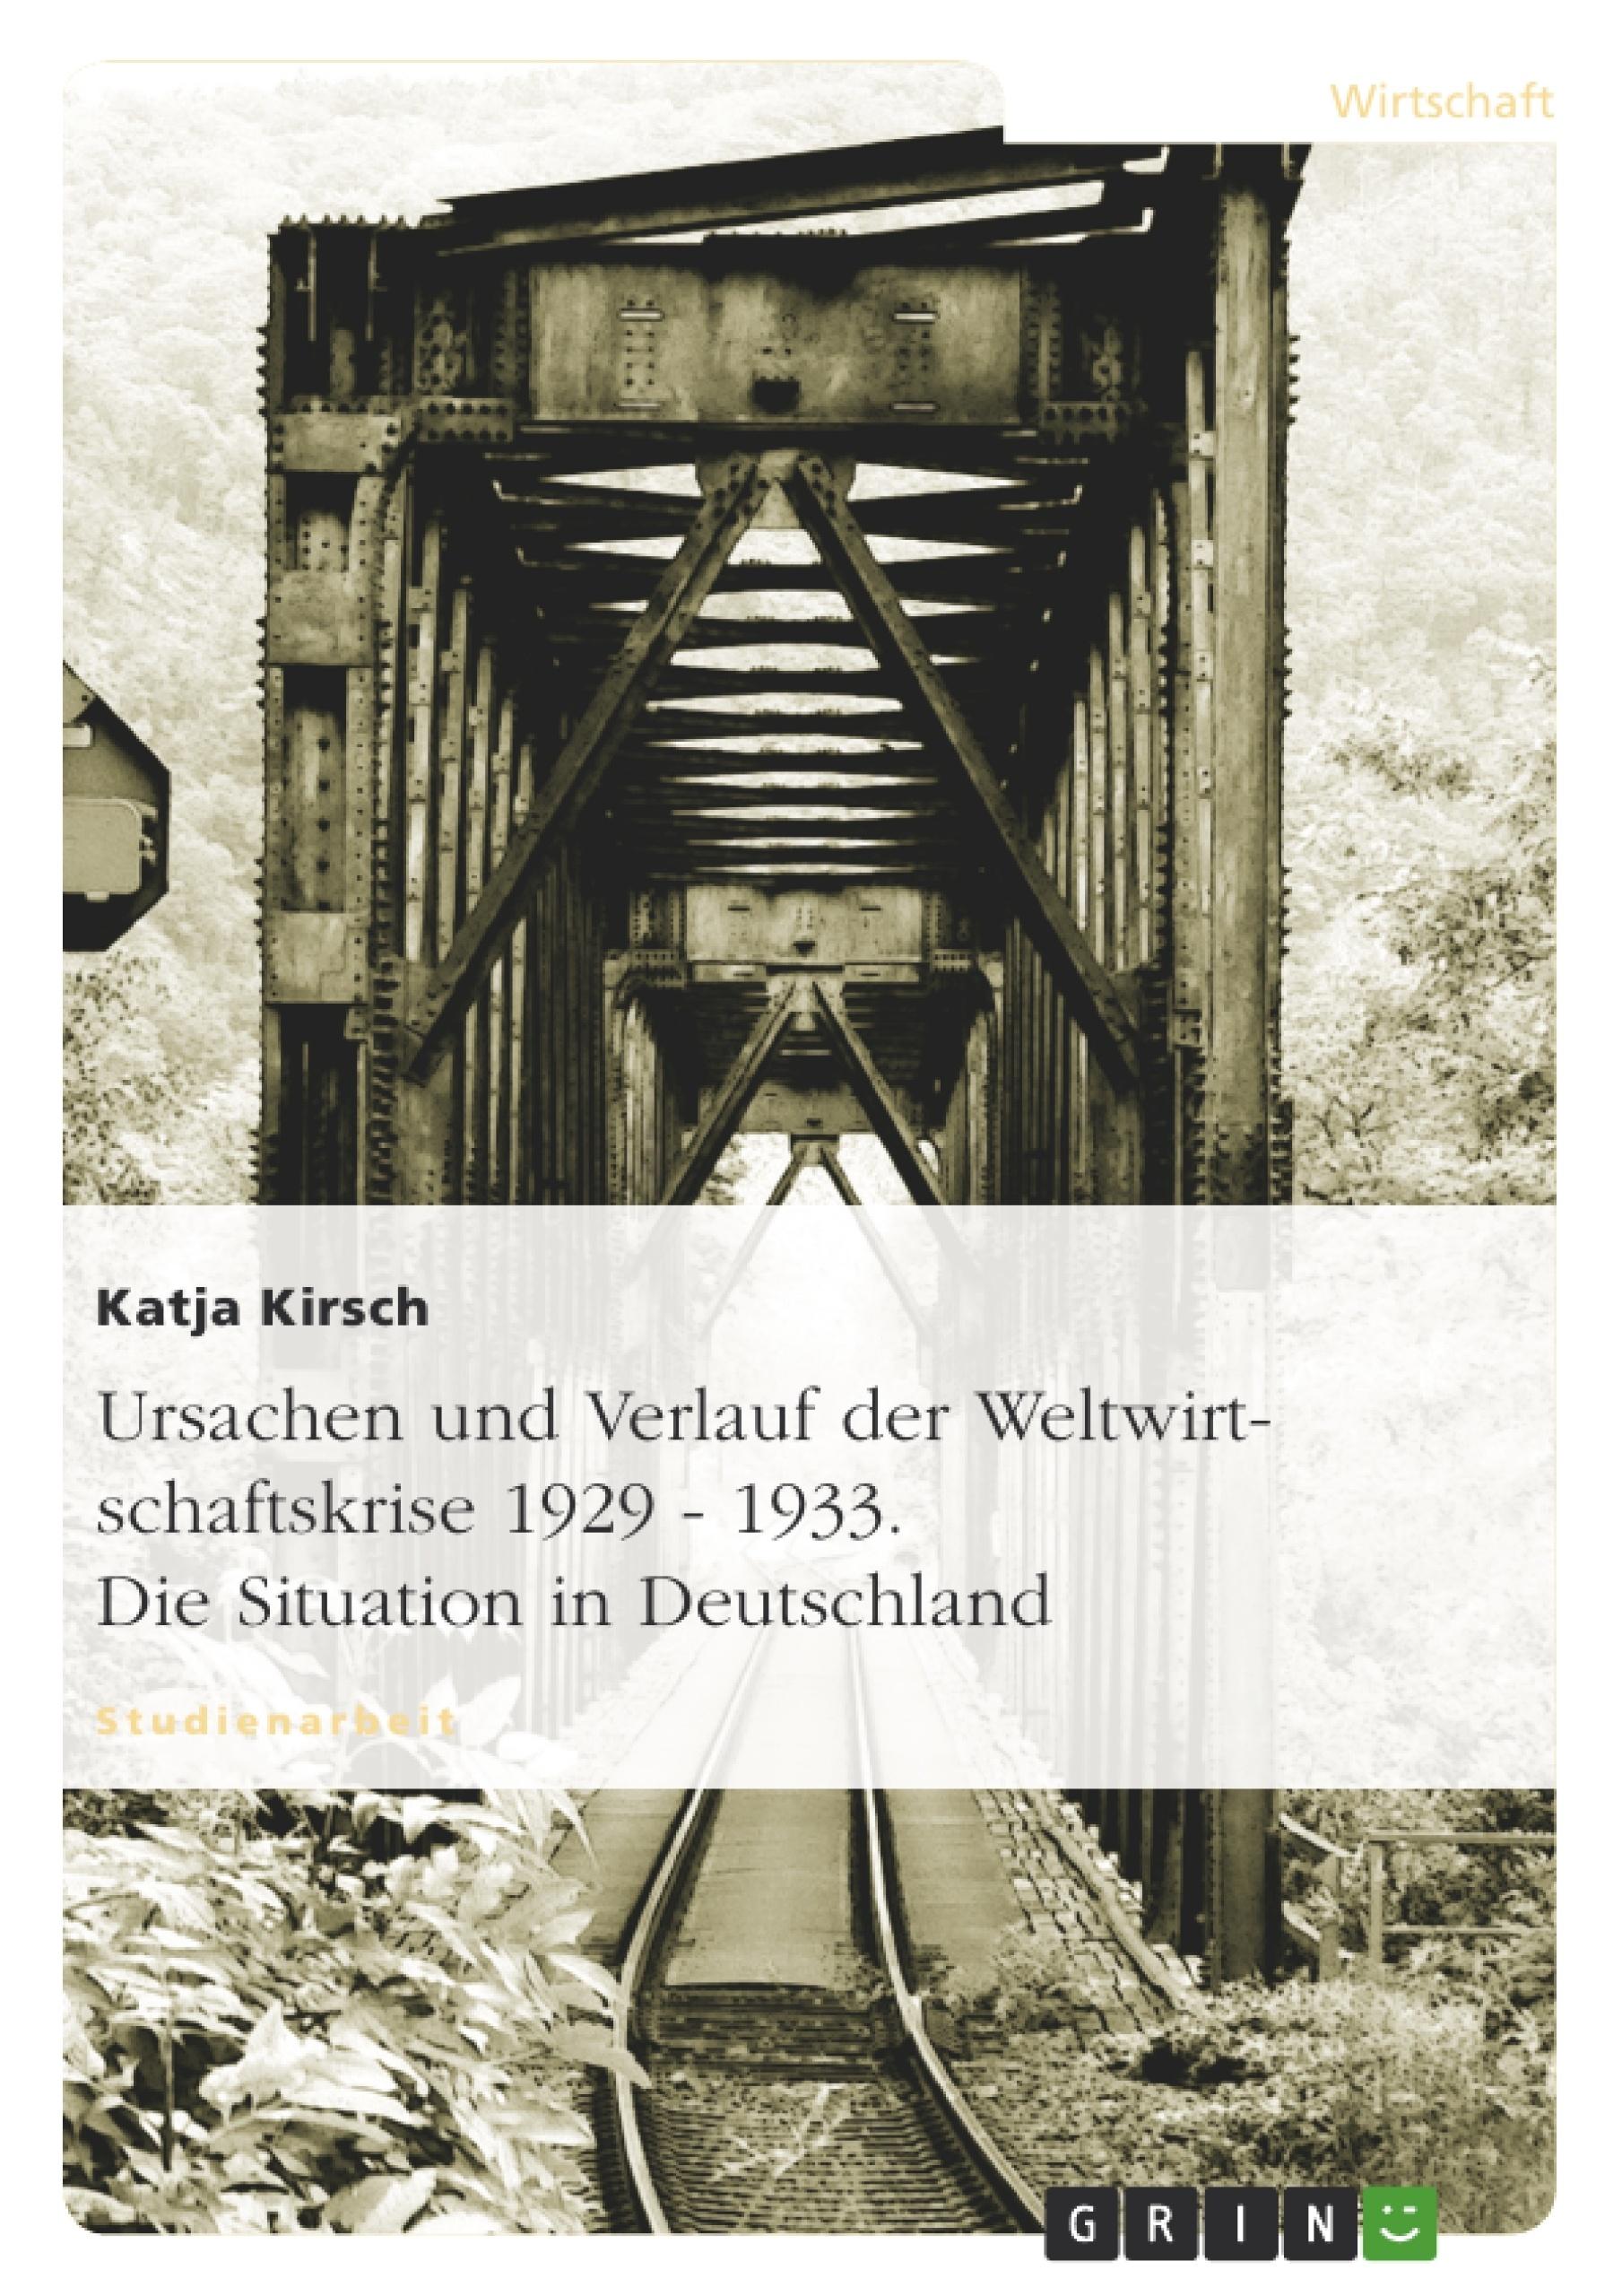 Titel: Ursachen und Verlauf der Weltwirtschaftskrise 1929 - 1933. Die Situation in Deutschland